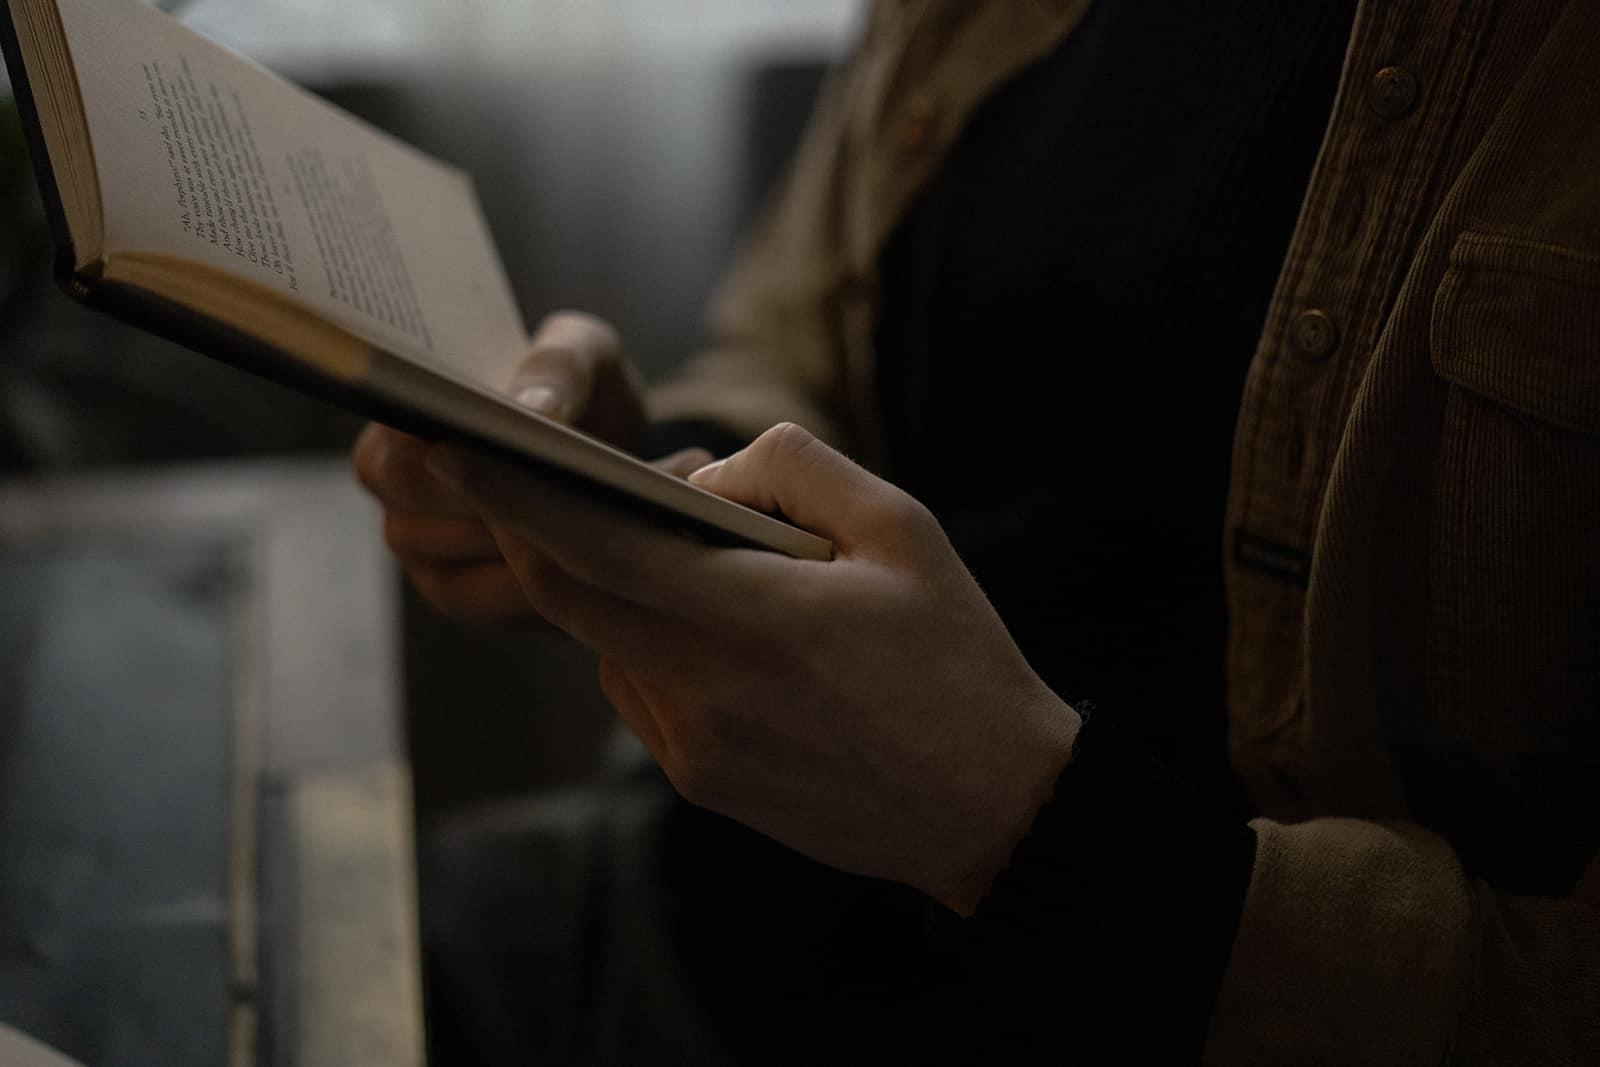 ein Mann, der ein offenes Buch hält und ein Liebesgedicht liest